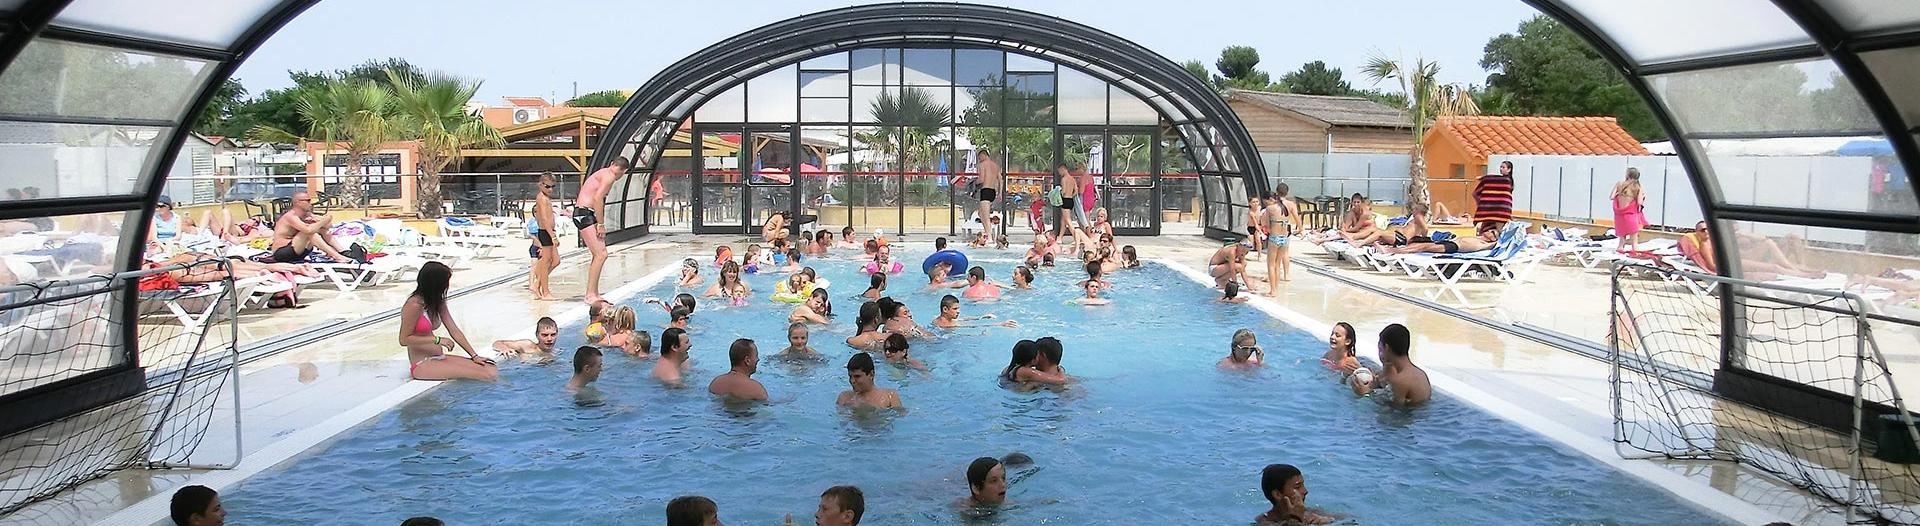 slider-soleil-mediterranee-piscine-couverte